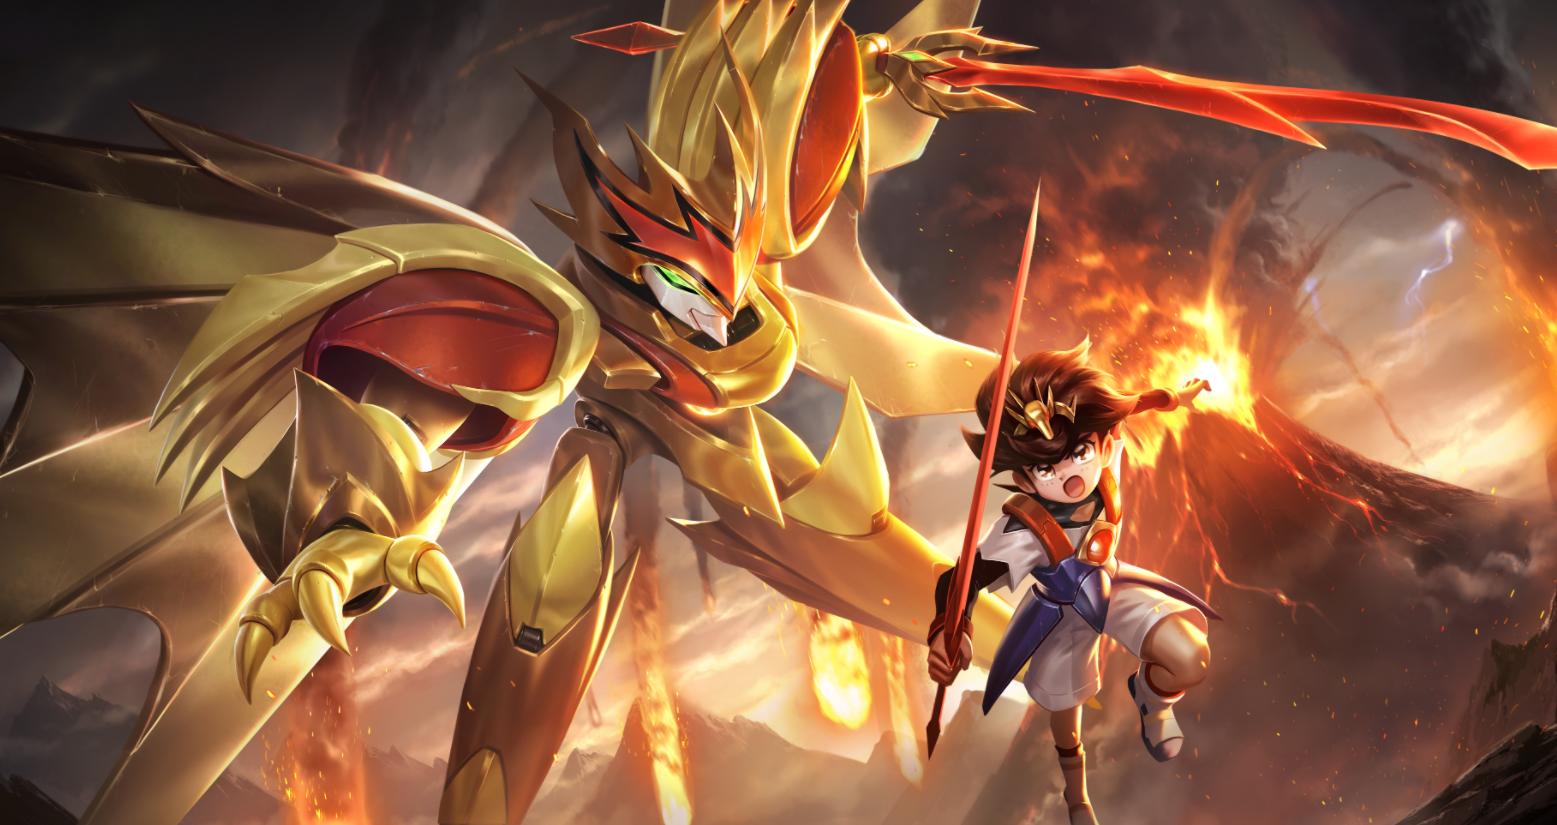 《魔神英雄传》新版本前瞻 超人气新魔神即将登场!